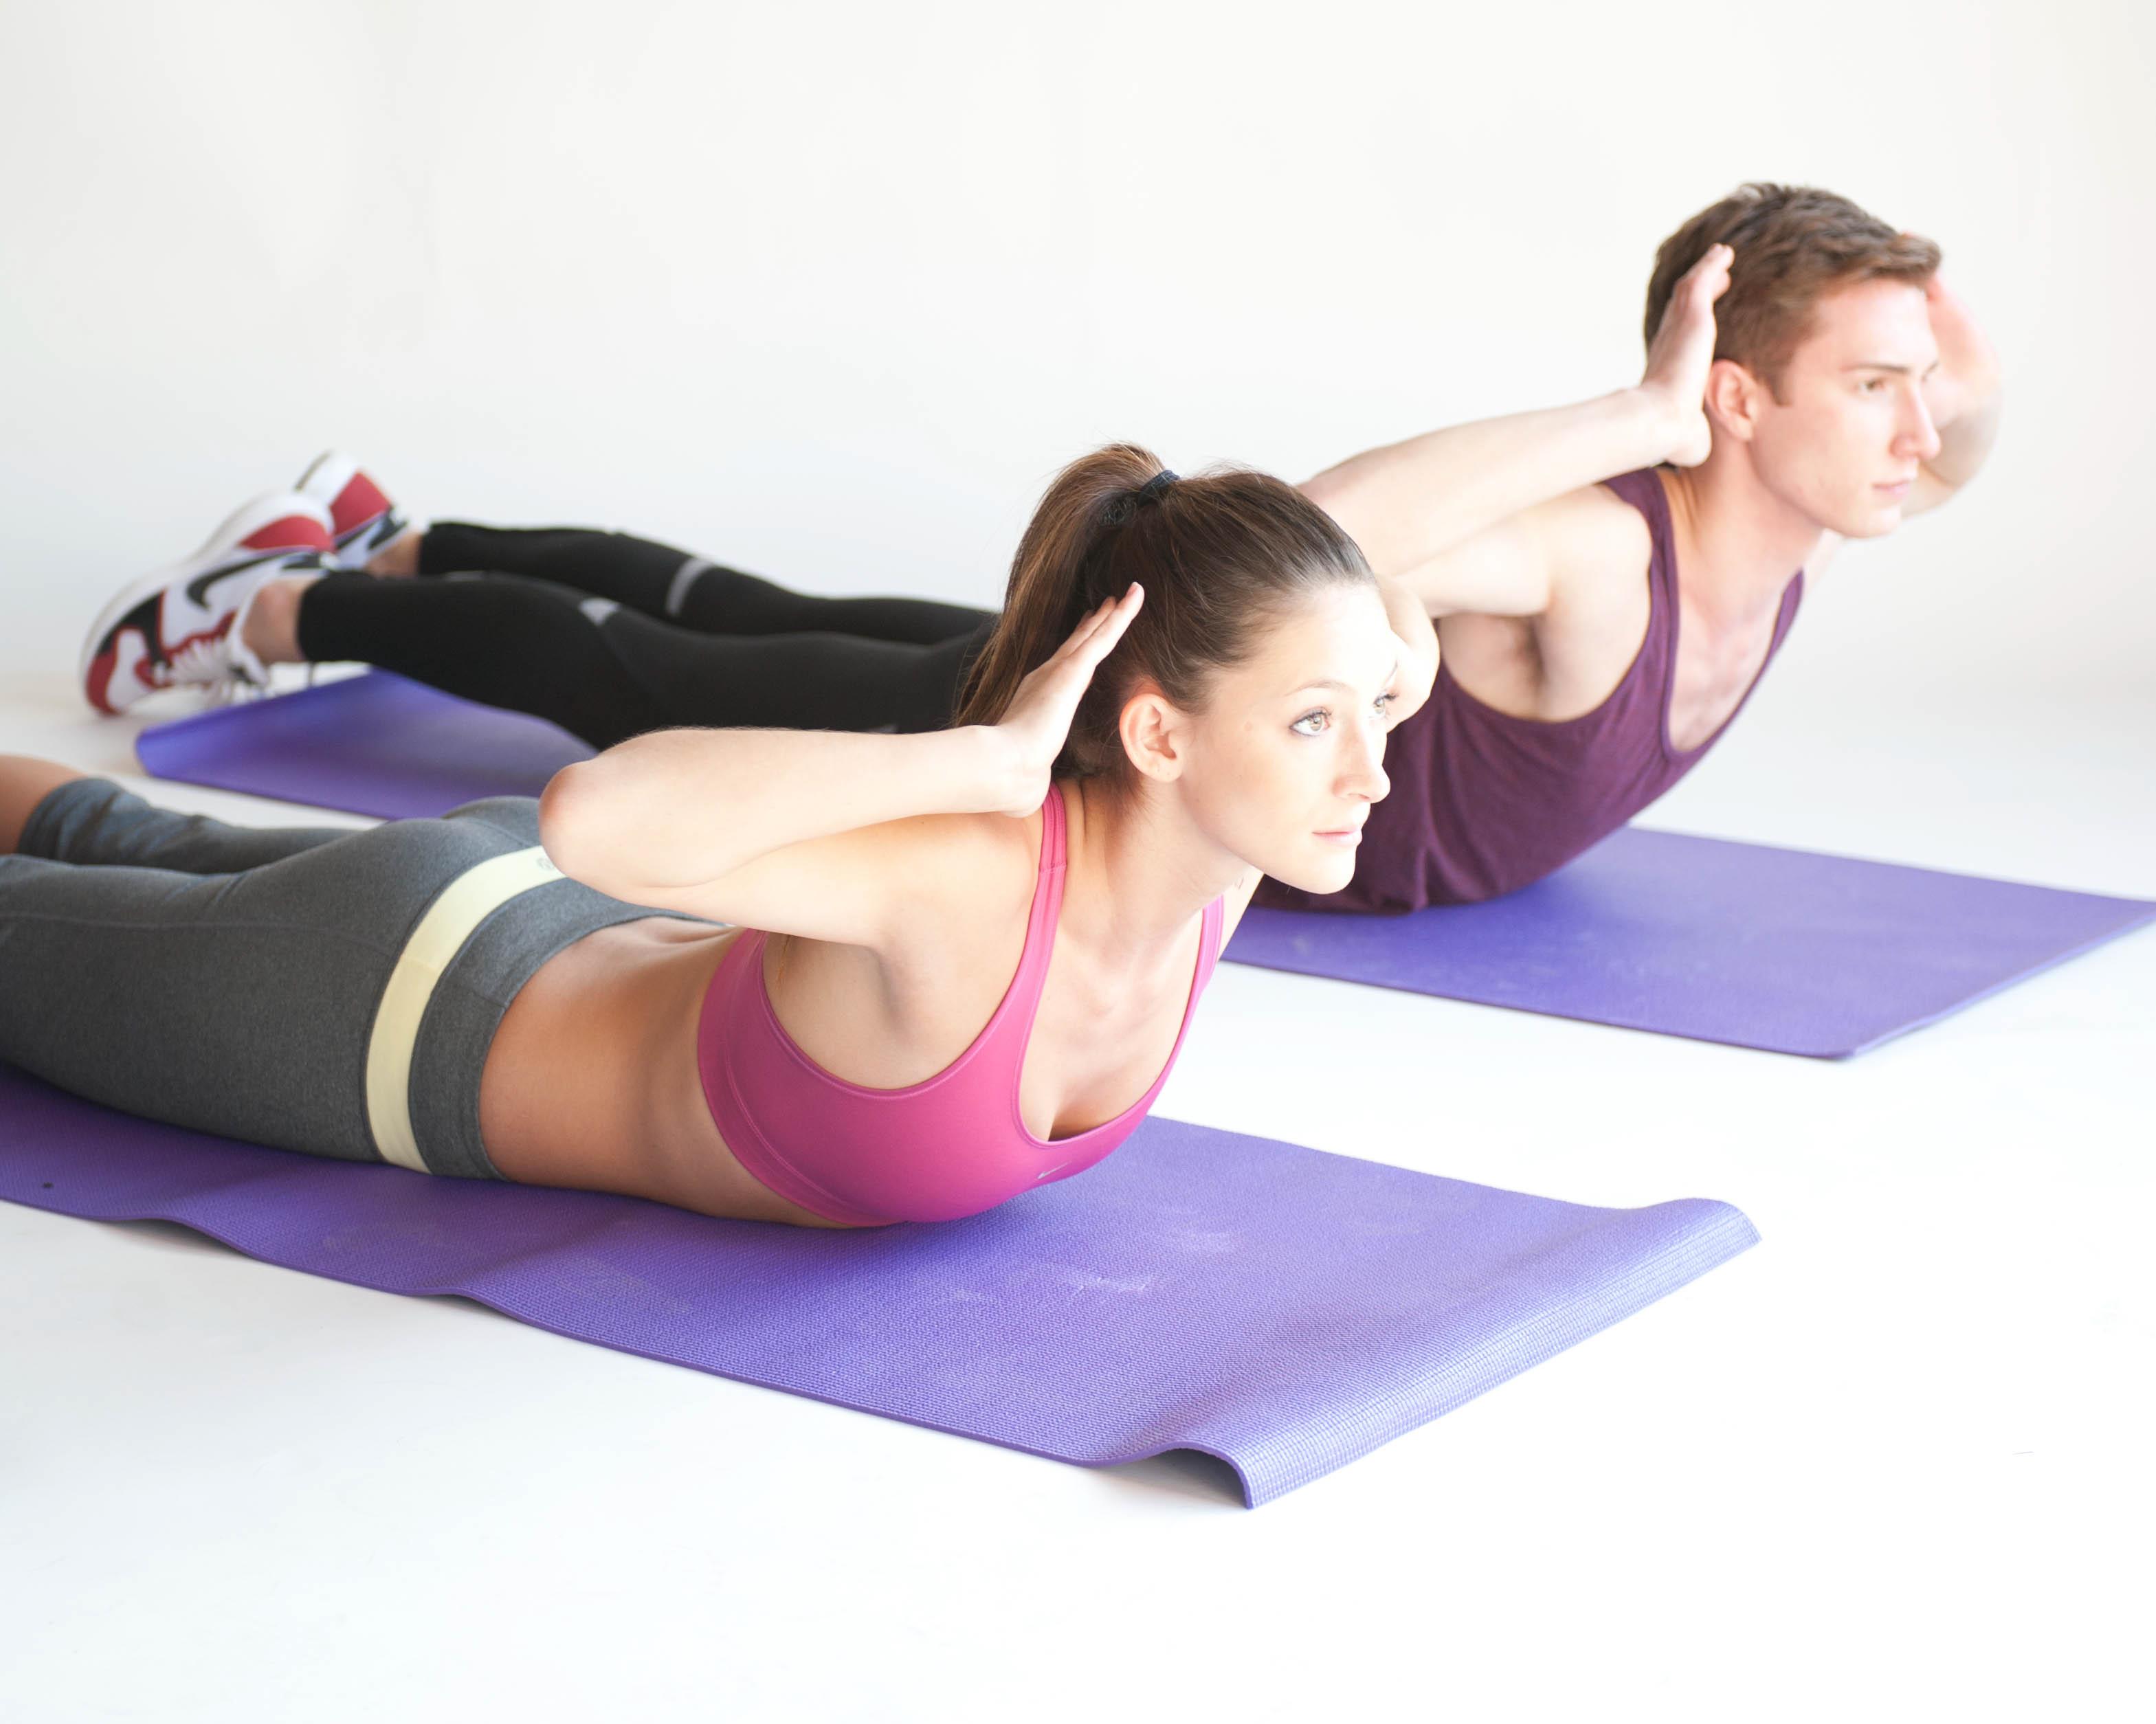 L'allenamento da un minuto per mantenersi in forma